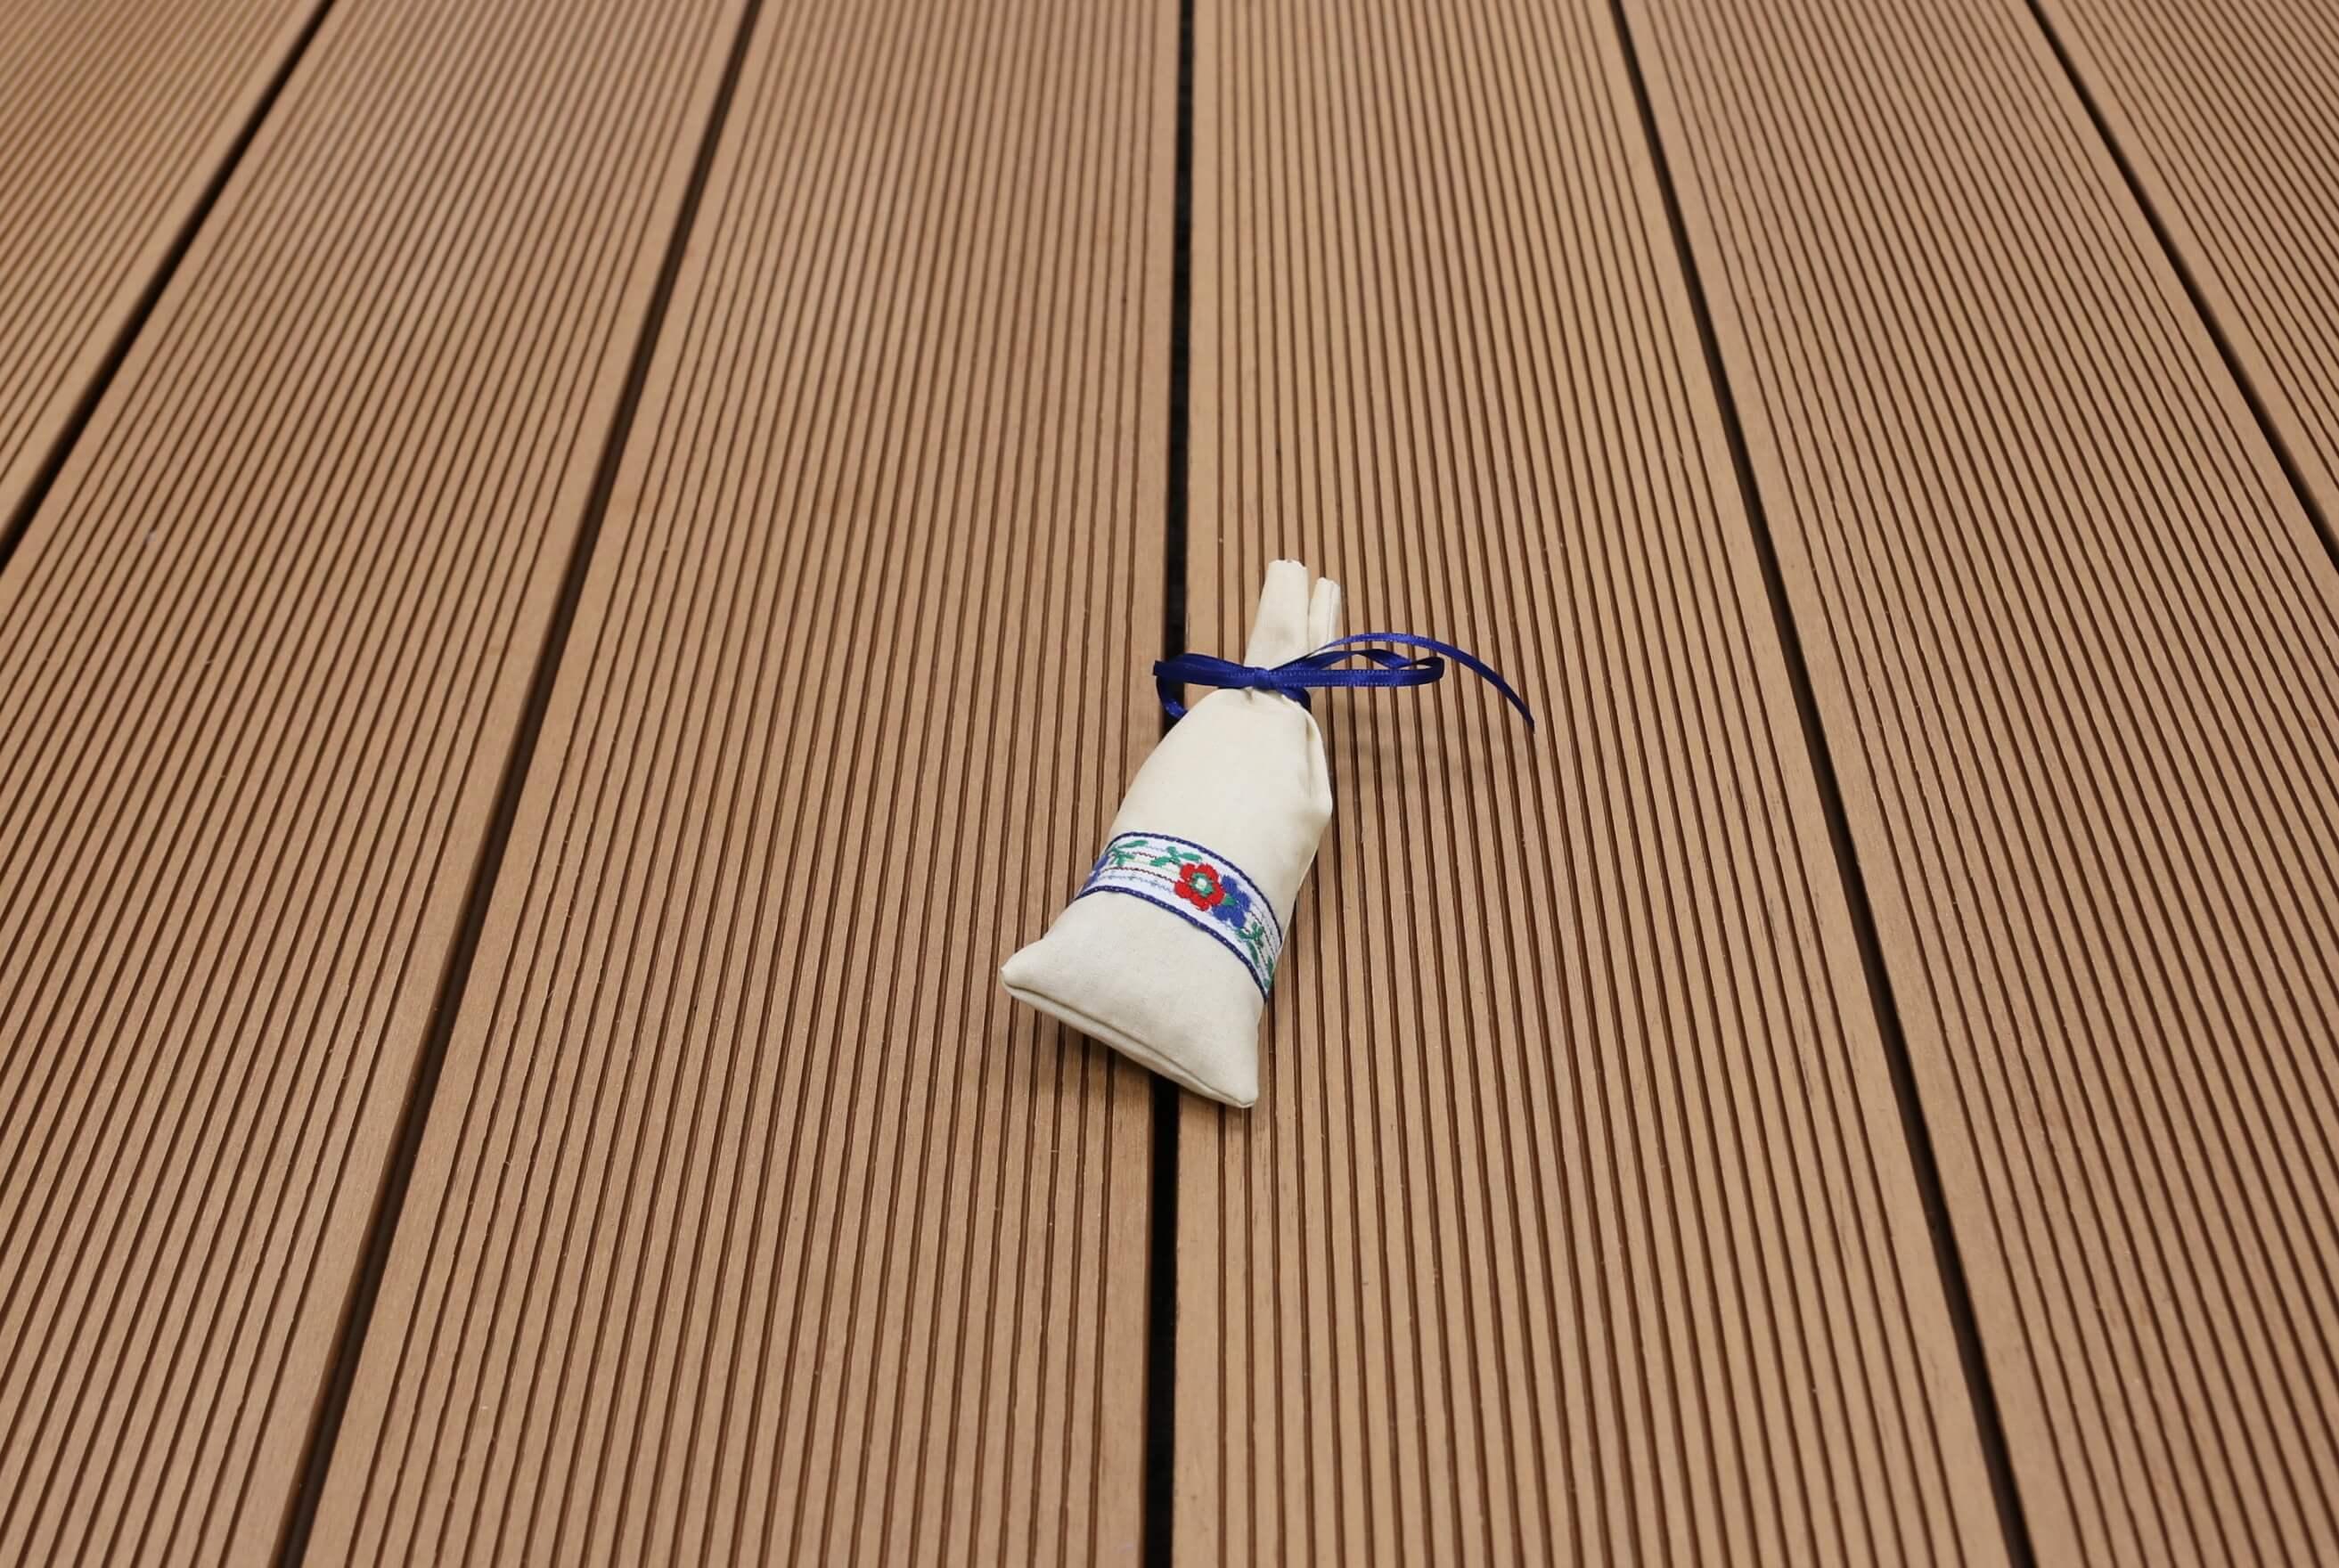 WPC Terrassendielen massiv, Oberfläche fein gerillt, Farbton hellbraun, 22 x 143 bis 4800 mm für 8,95 €/lfm